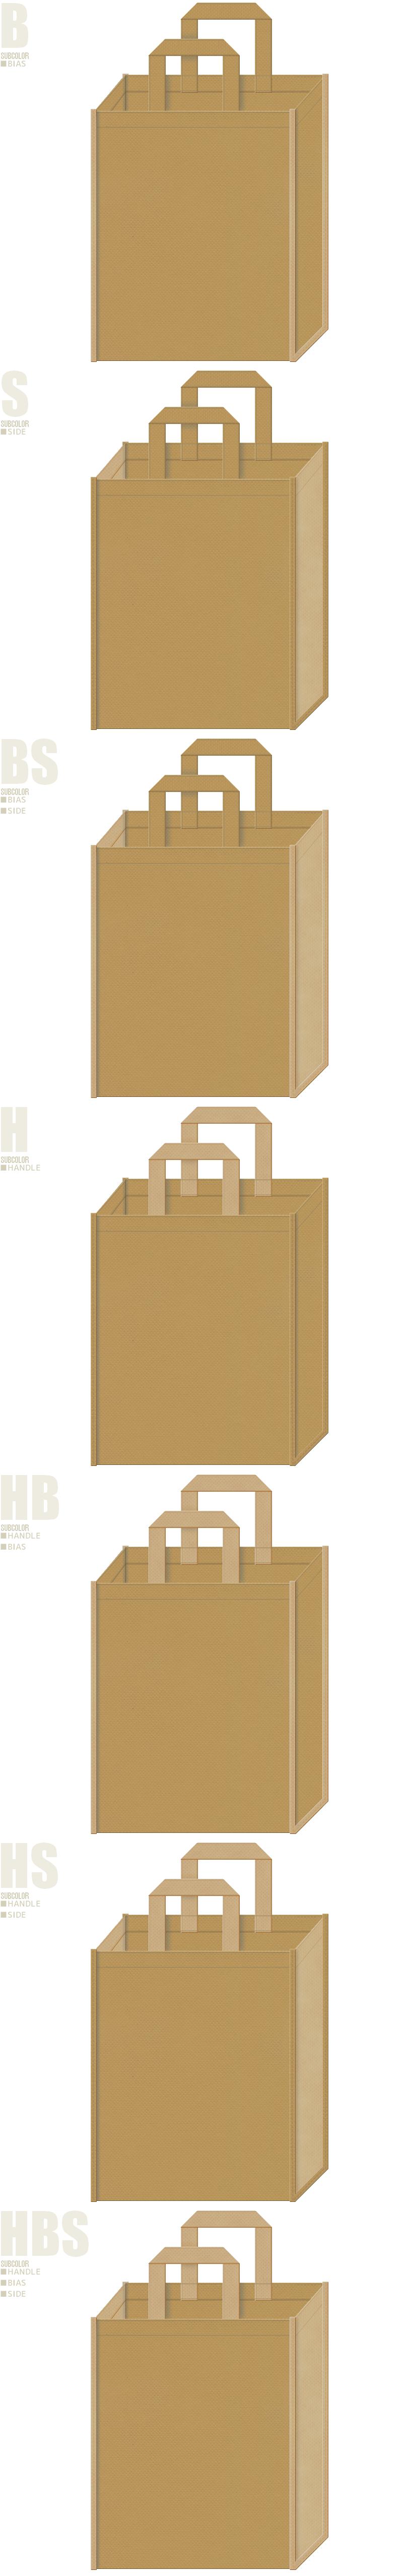 金色系黄土色とカーキ色、7パターンの不織布トートバッグ配色デザイン例。作業用品・日曜大工用品の展示会用バッグにお奨めです。